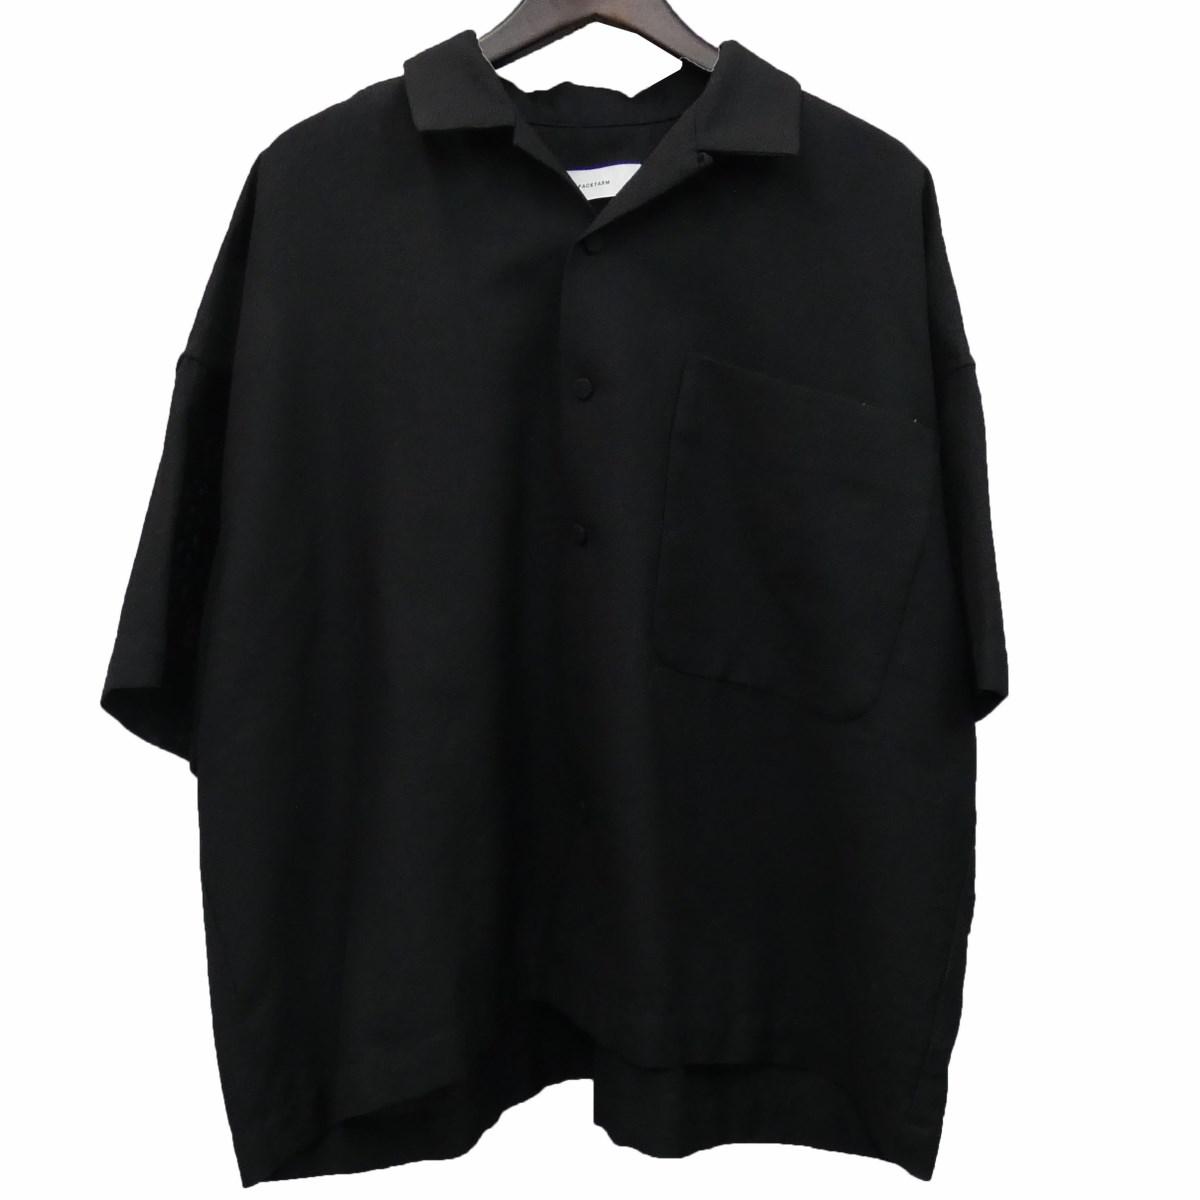 【中古】FACETASM 「WOOL MESH SHORT SLEEVE SHIRT」半袖シャツ ブラック サイズ:5 【050620】(ファセッタズム)